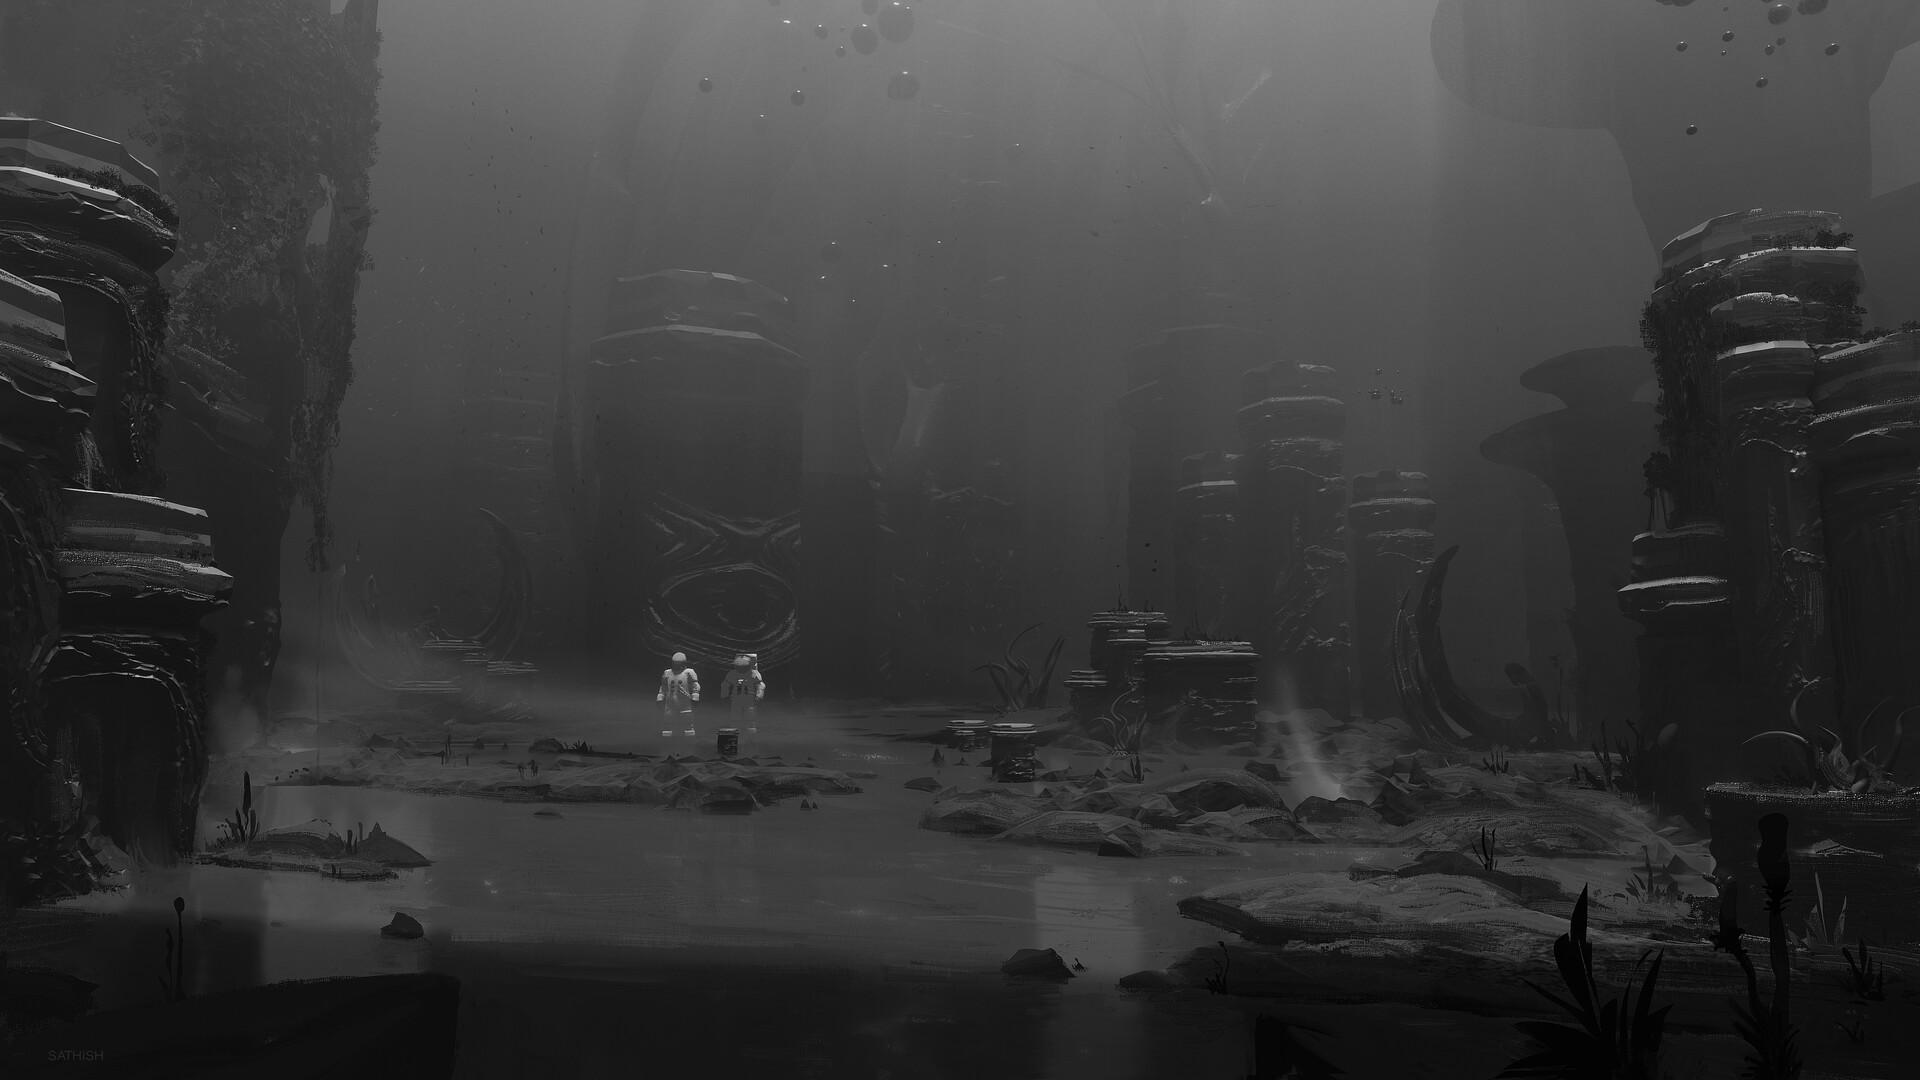 Sathish kumar alienworld exploration 01 bw